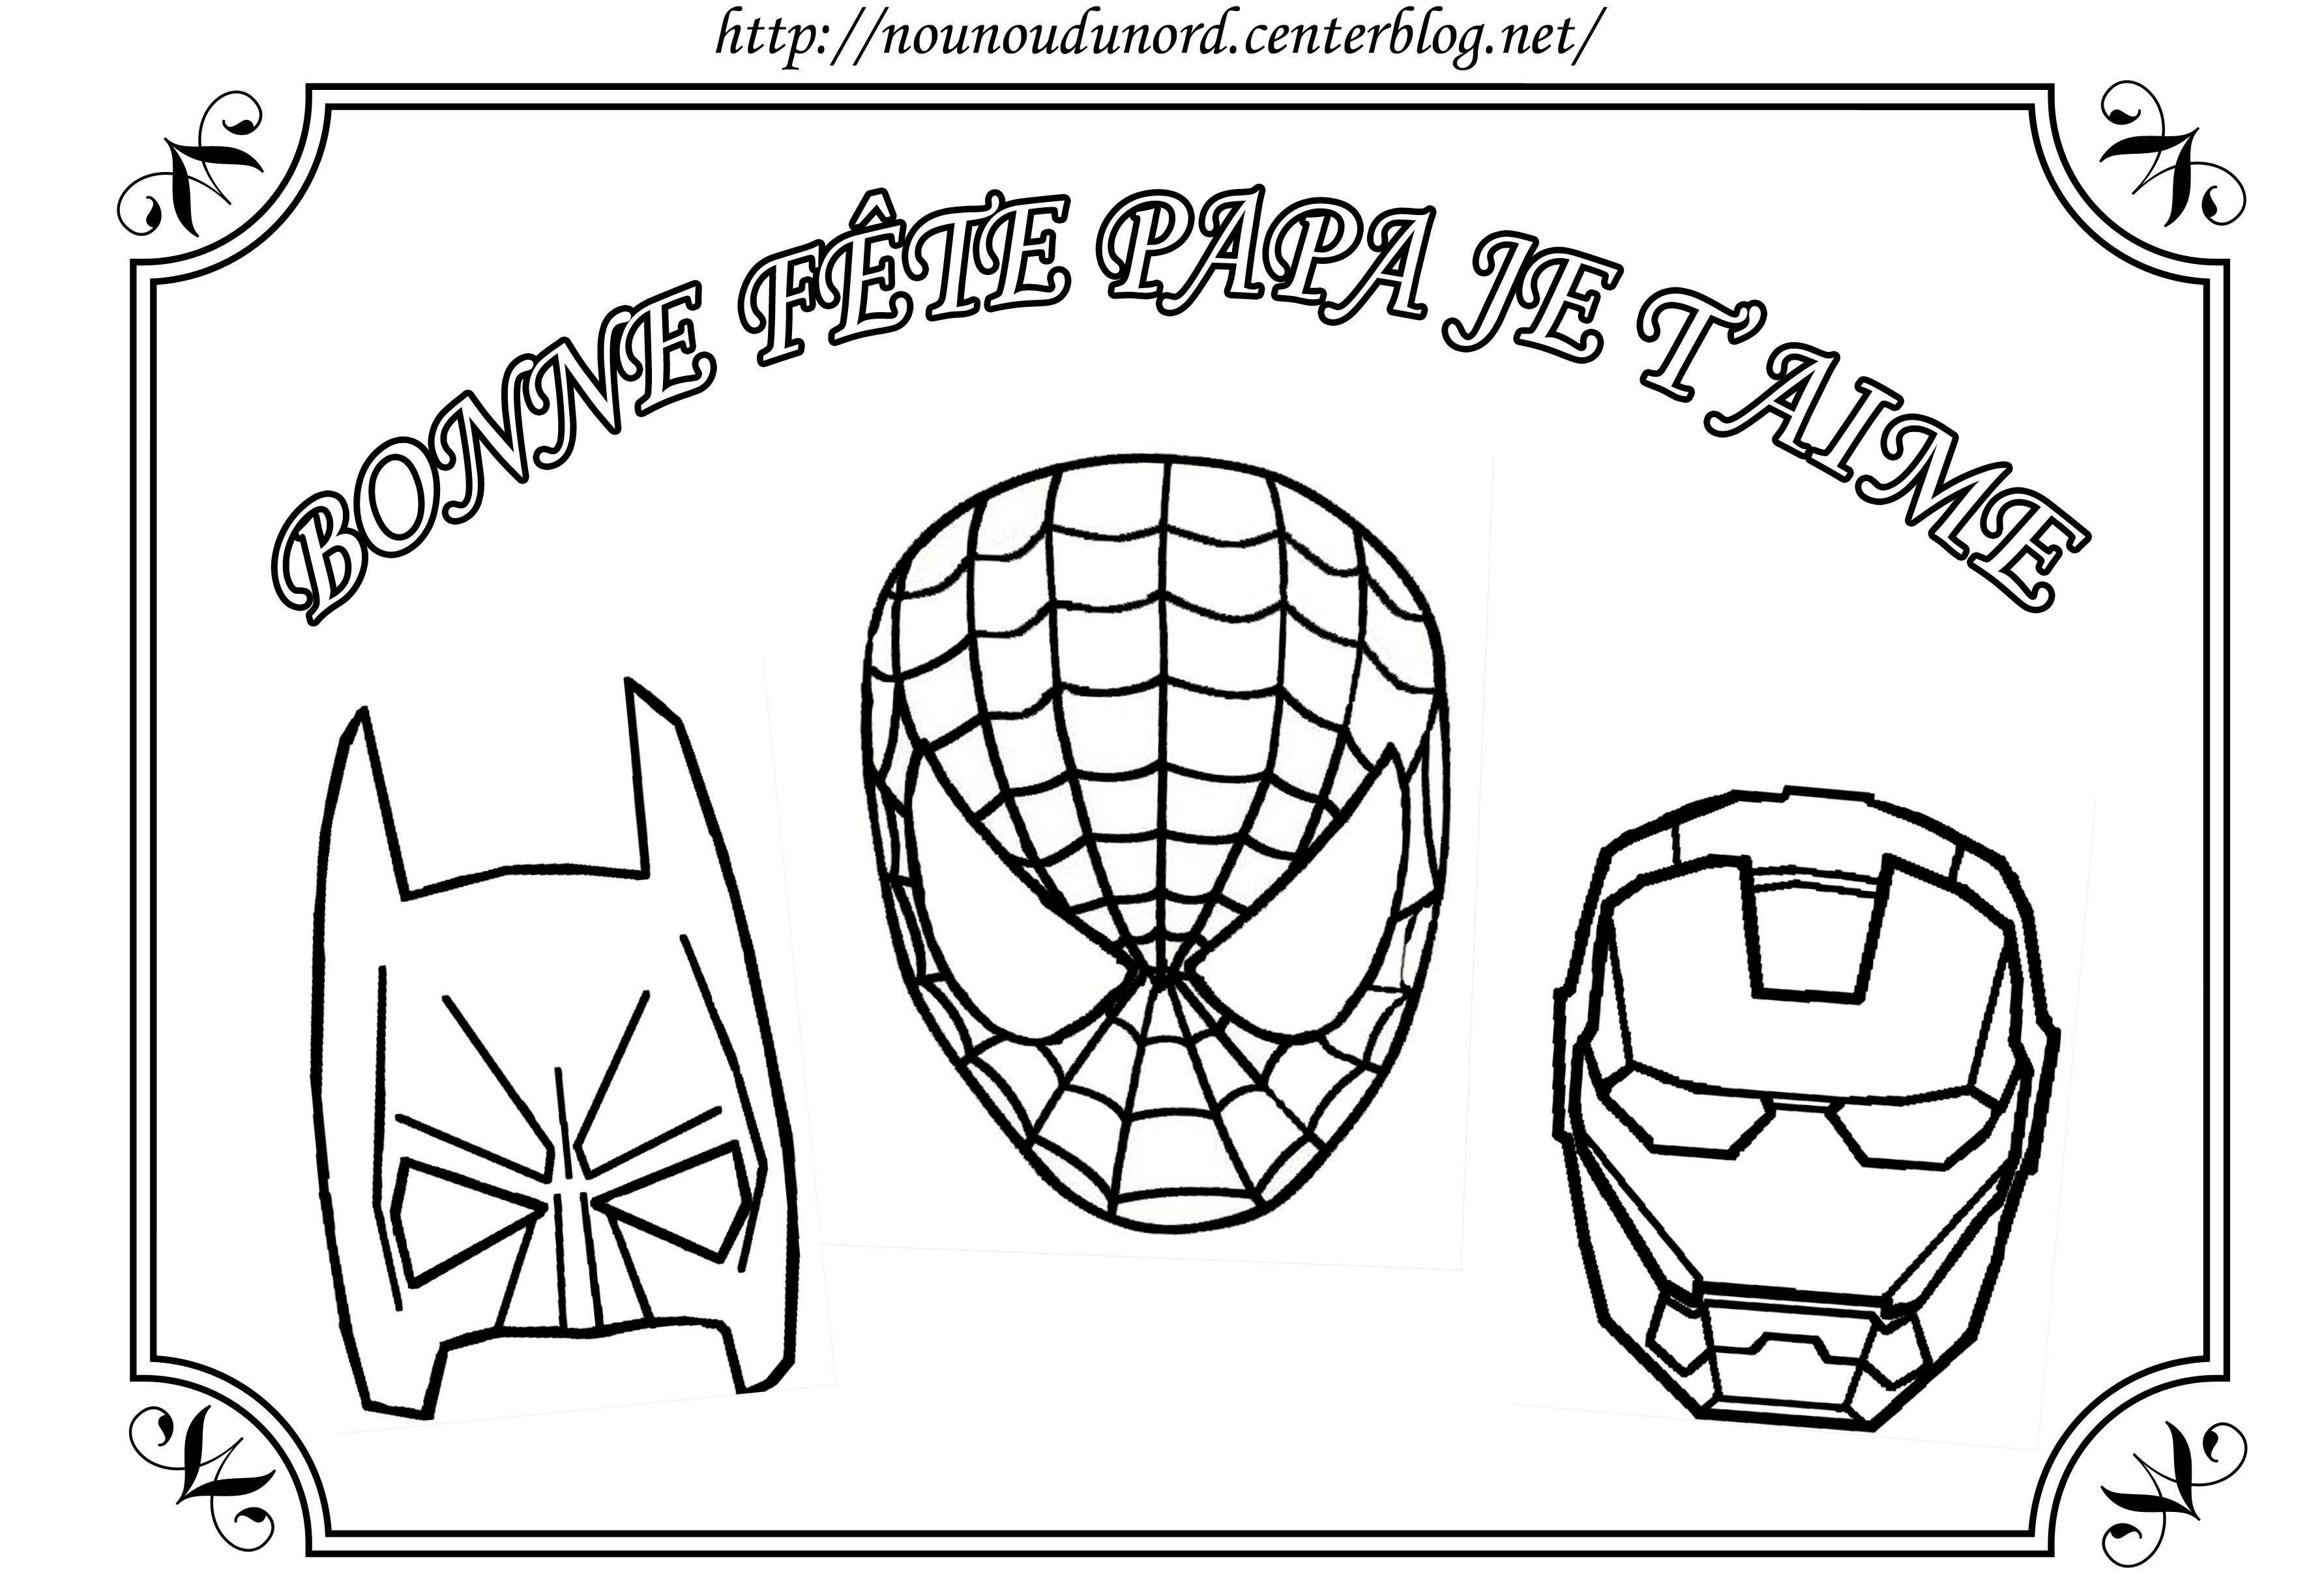 Coloriage Spiderman Batman Pour La Fête Des Pères à Coloriage Fete Des Peres